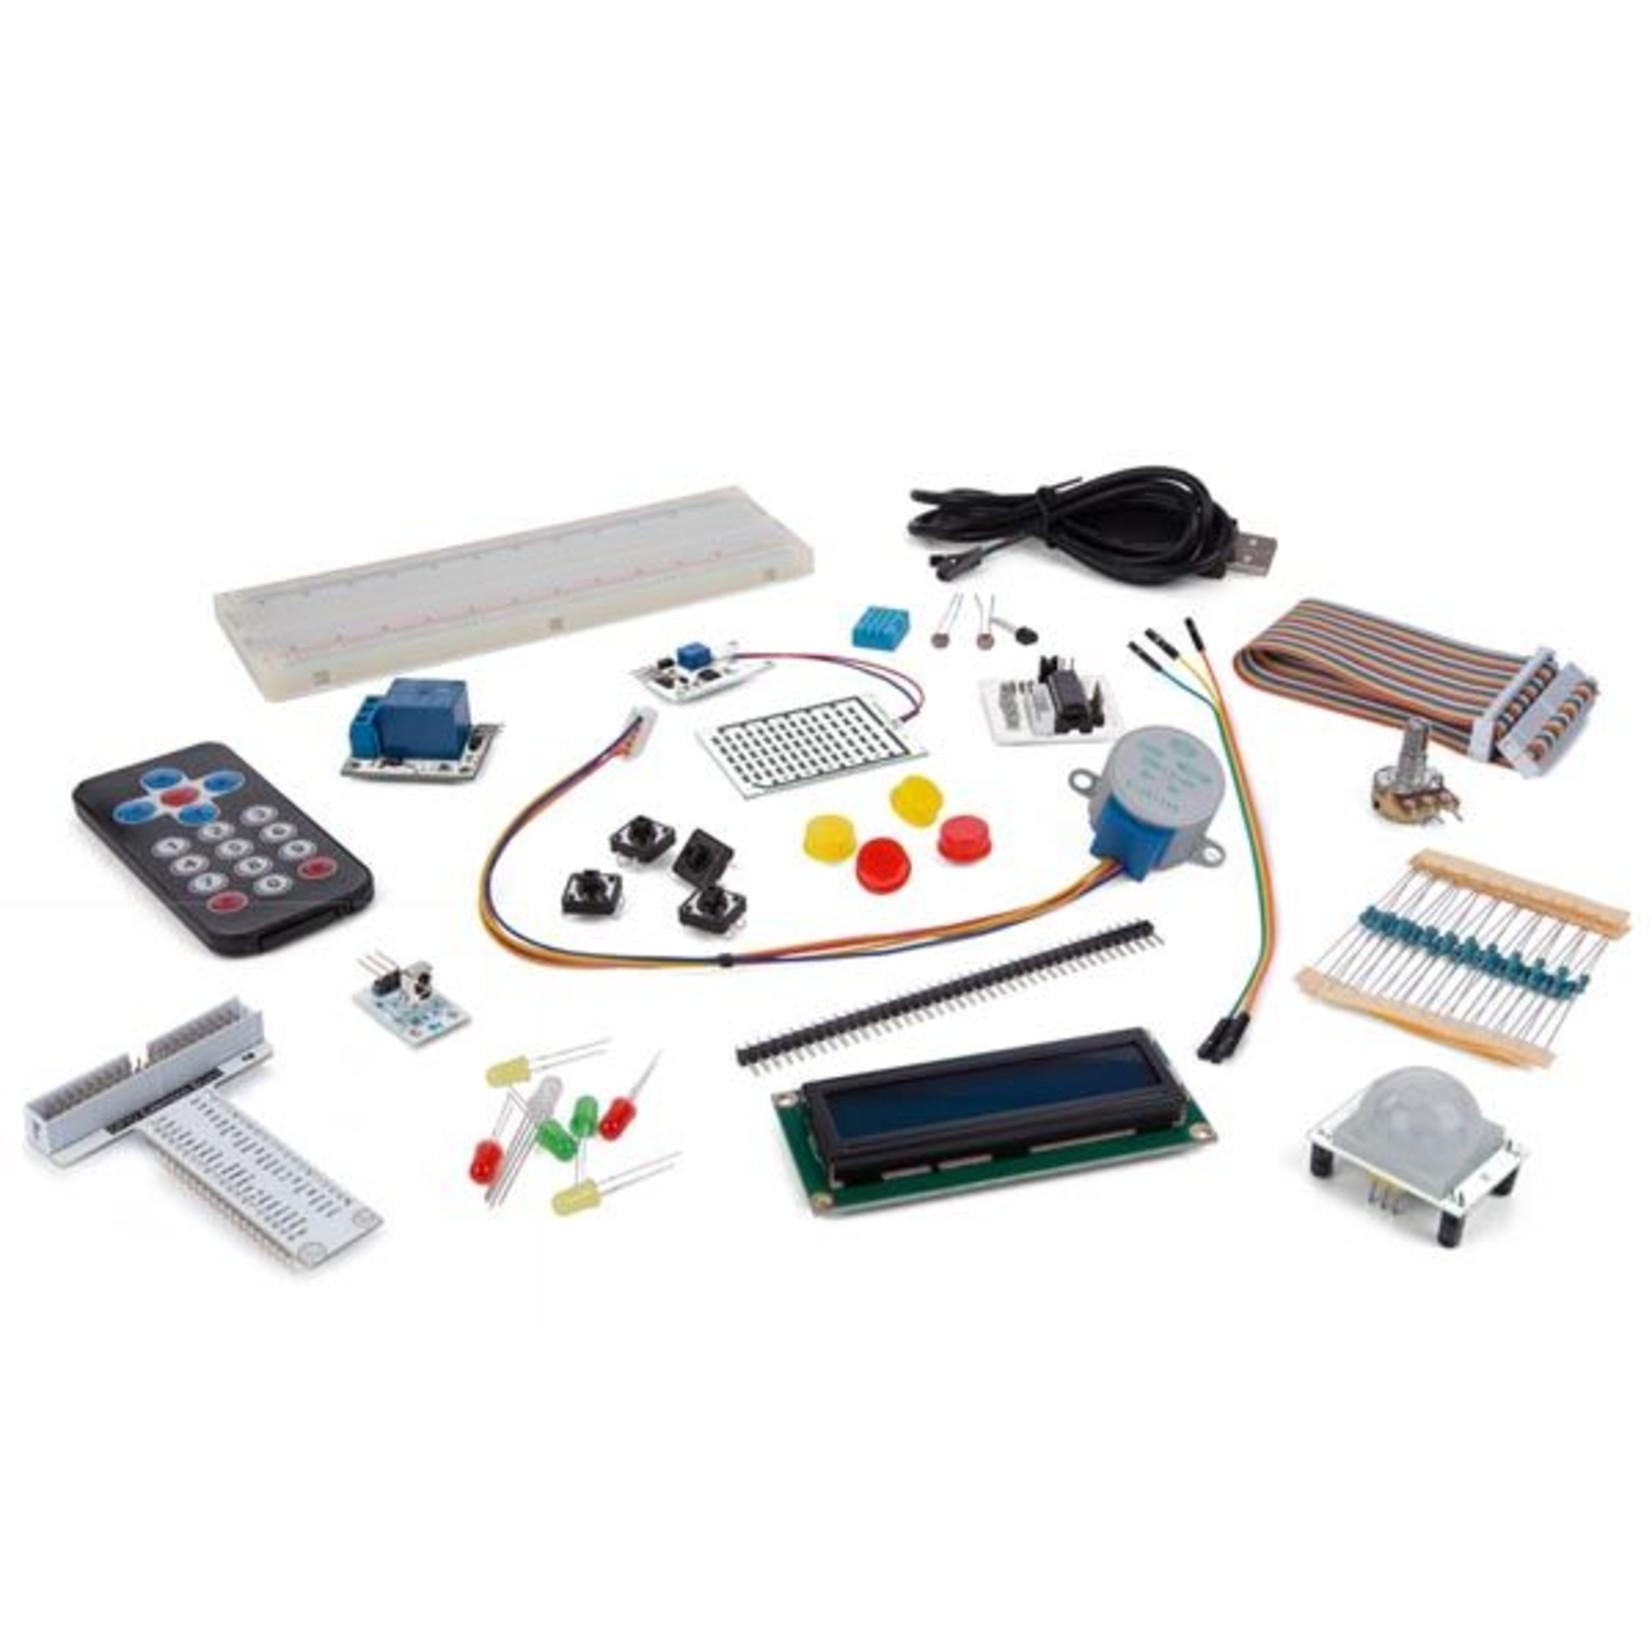 Velleman Construction kit for Raspberry Pi®